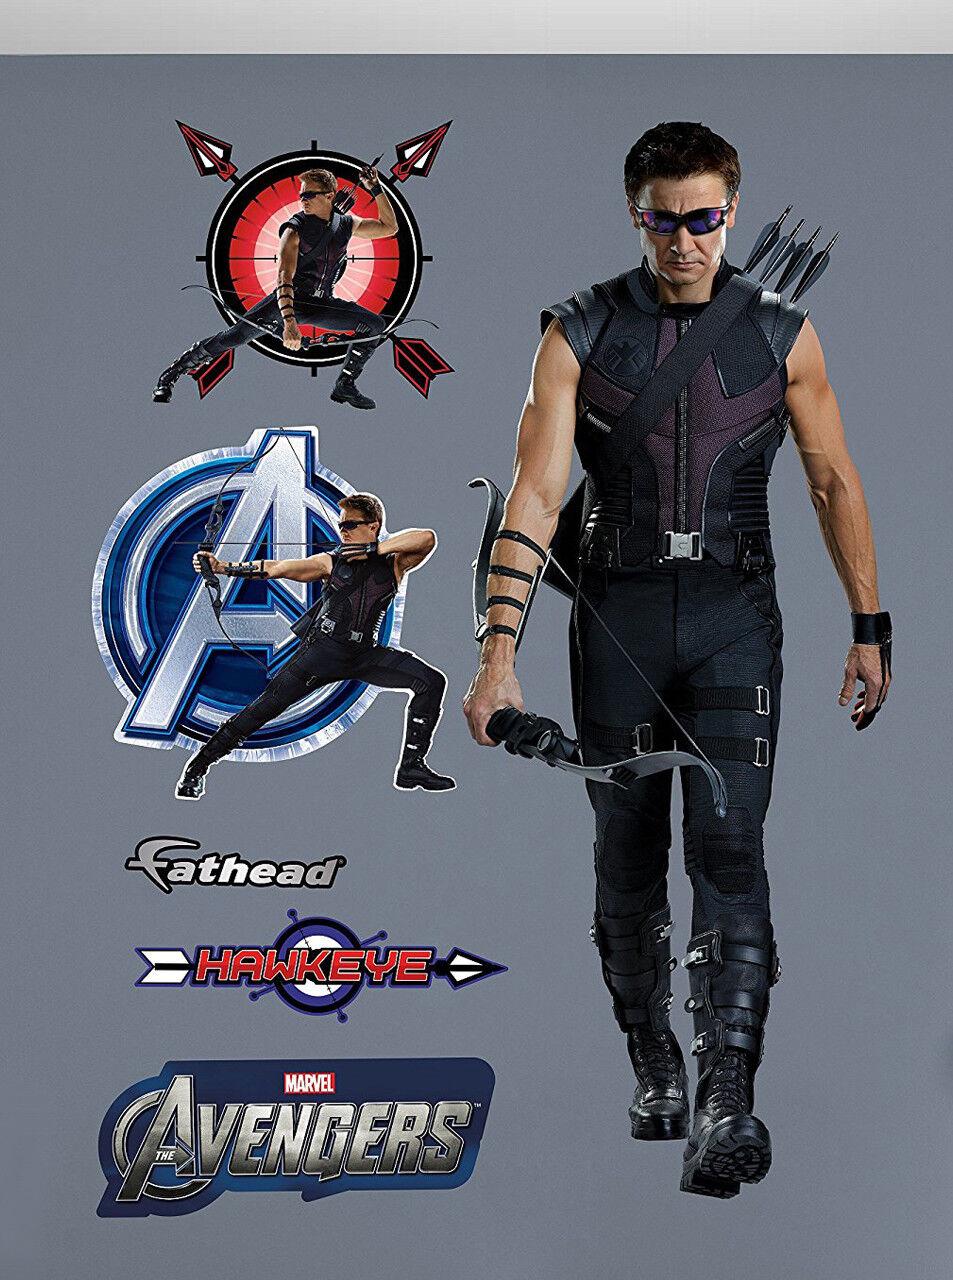 Fathead Vengadores Hawkeye Marvel Comics real de acción en vivo Gran Decoración de parojo 96-96068